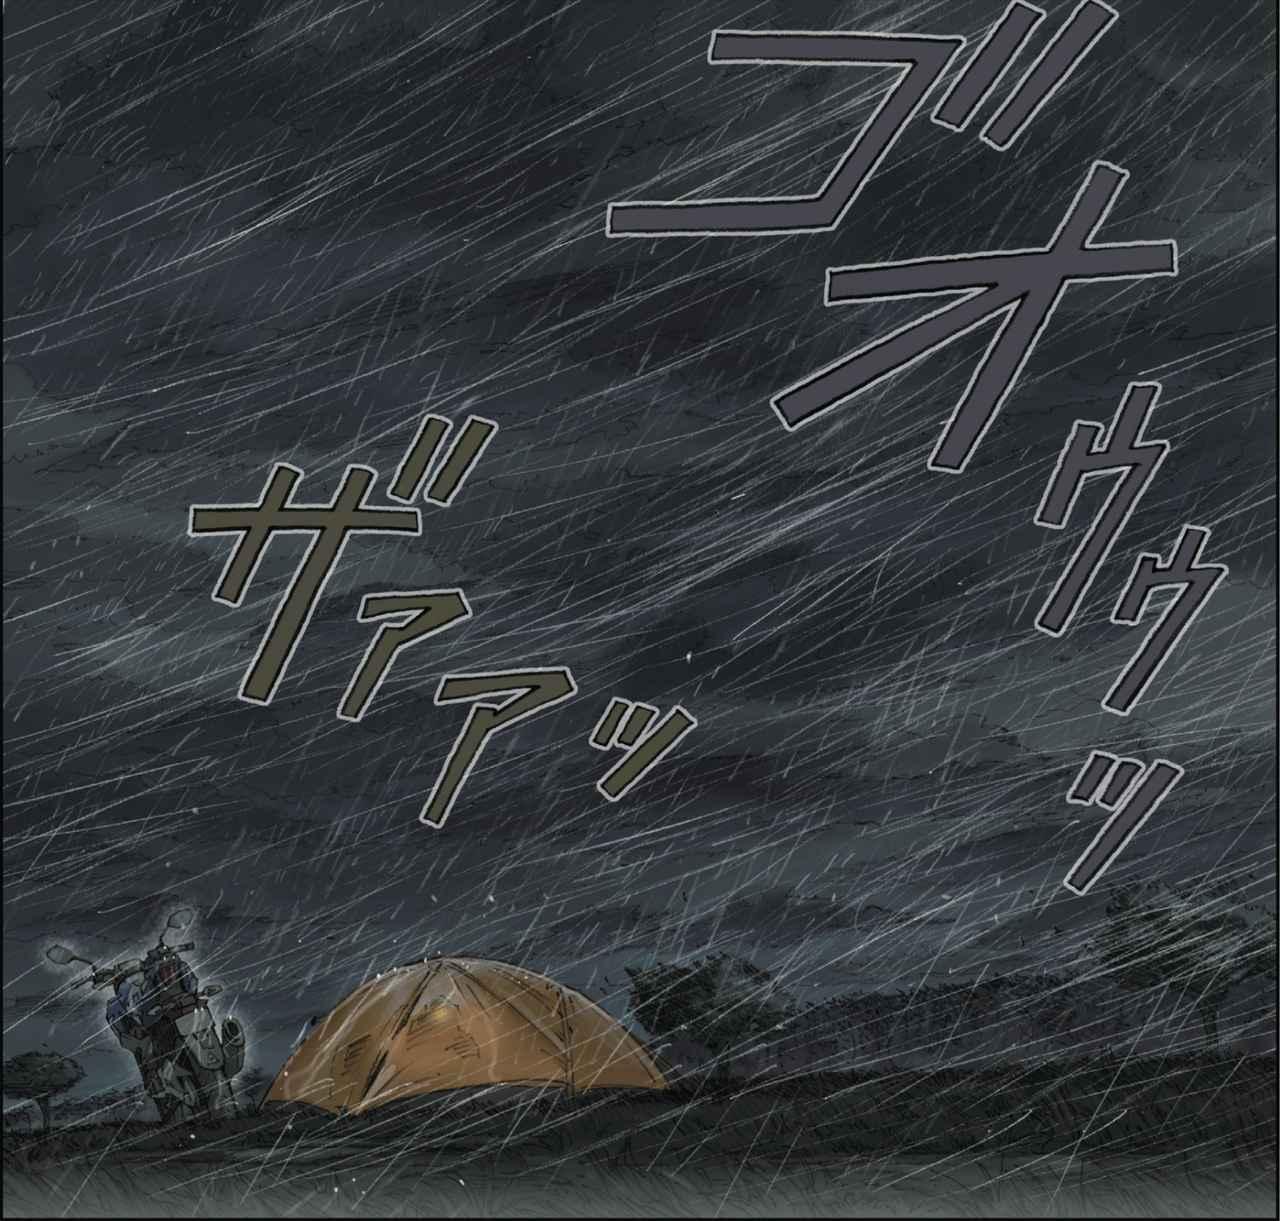 画像: テントを吹き飛ばしそうな風と雨・・・春の嵐だ。